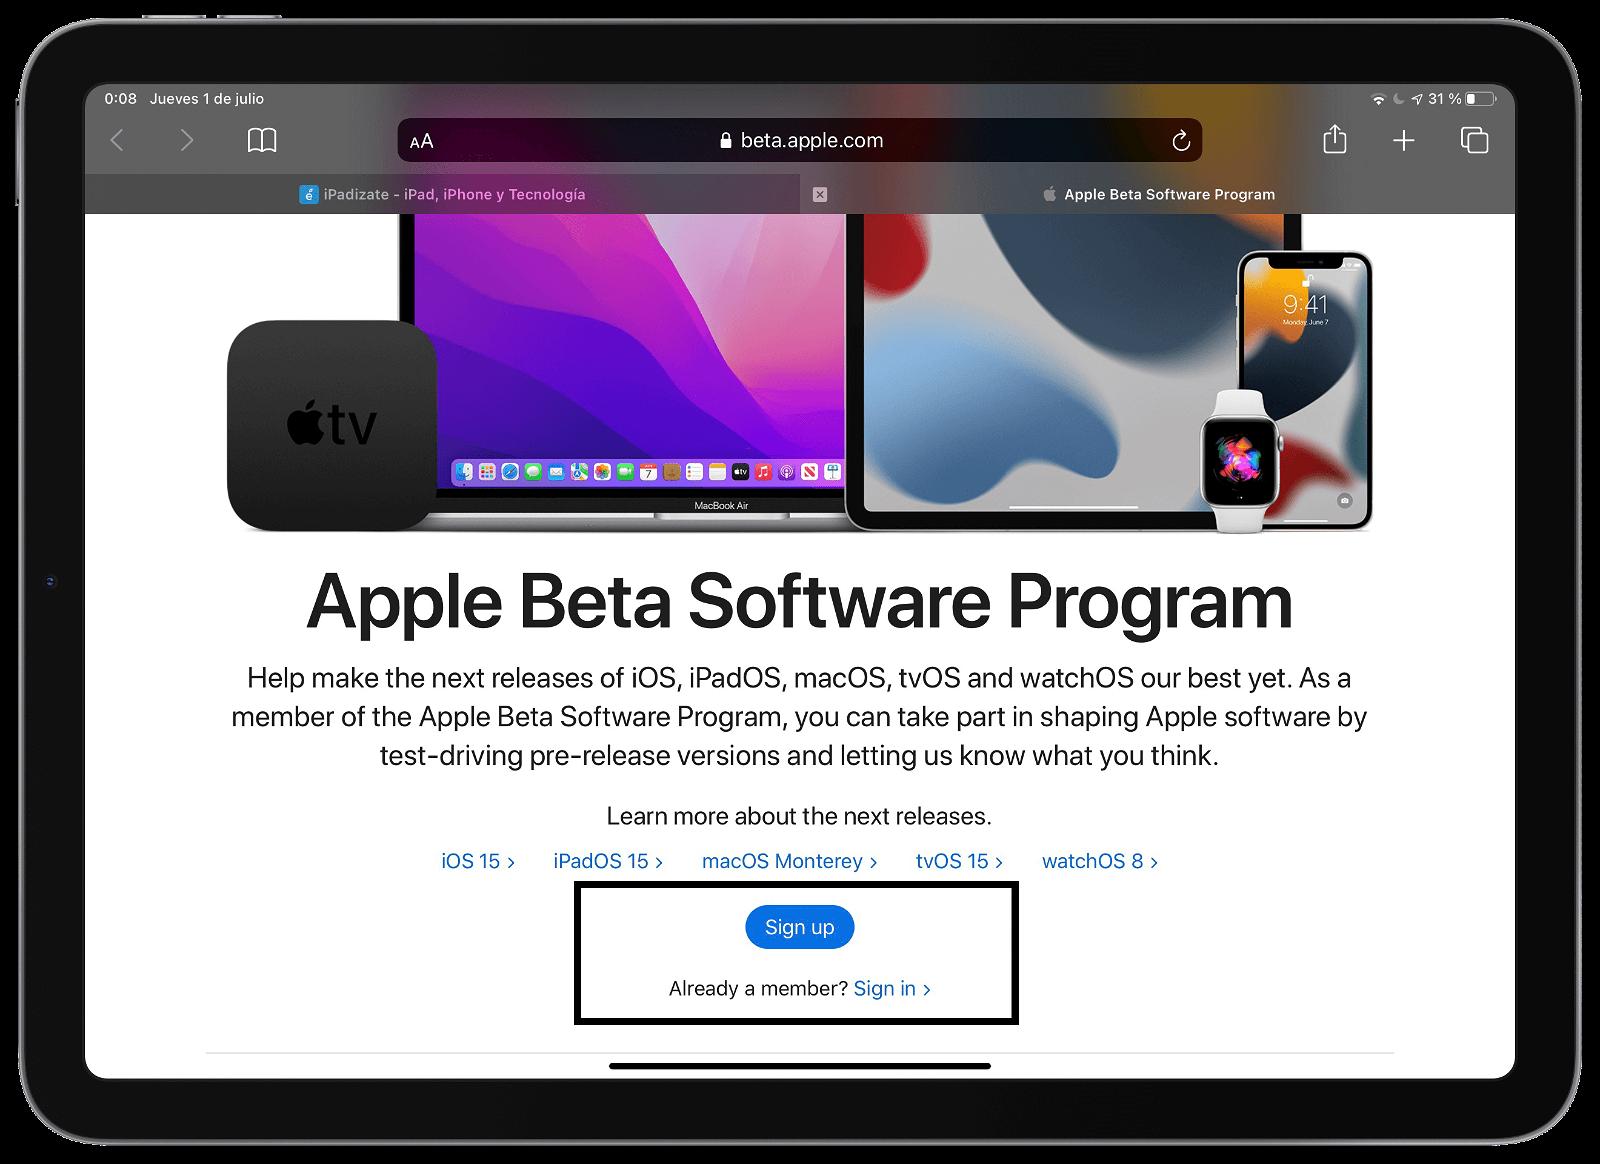 Descargar perfil para instalar la beta pública de iOS 15